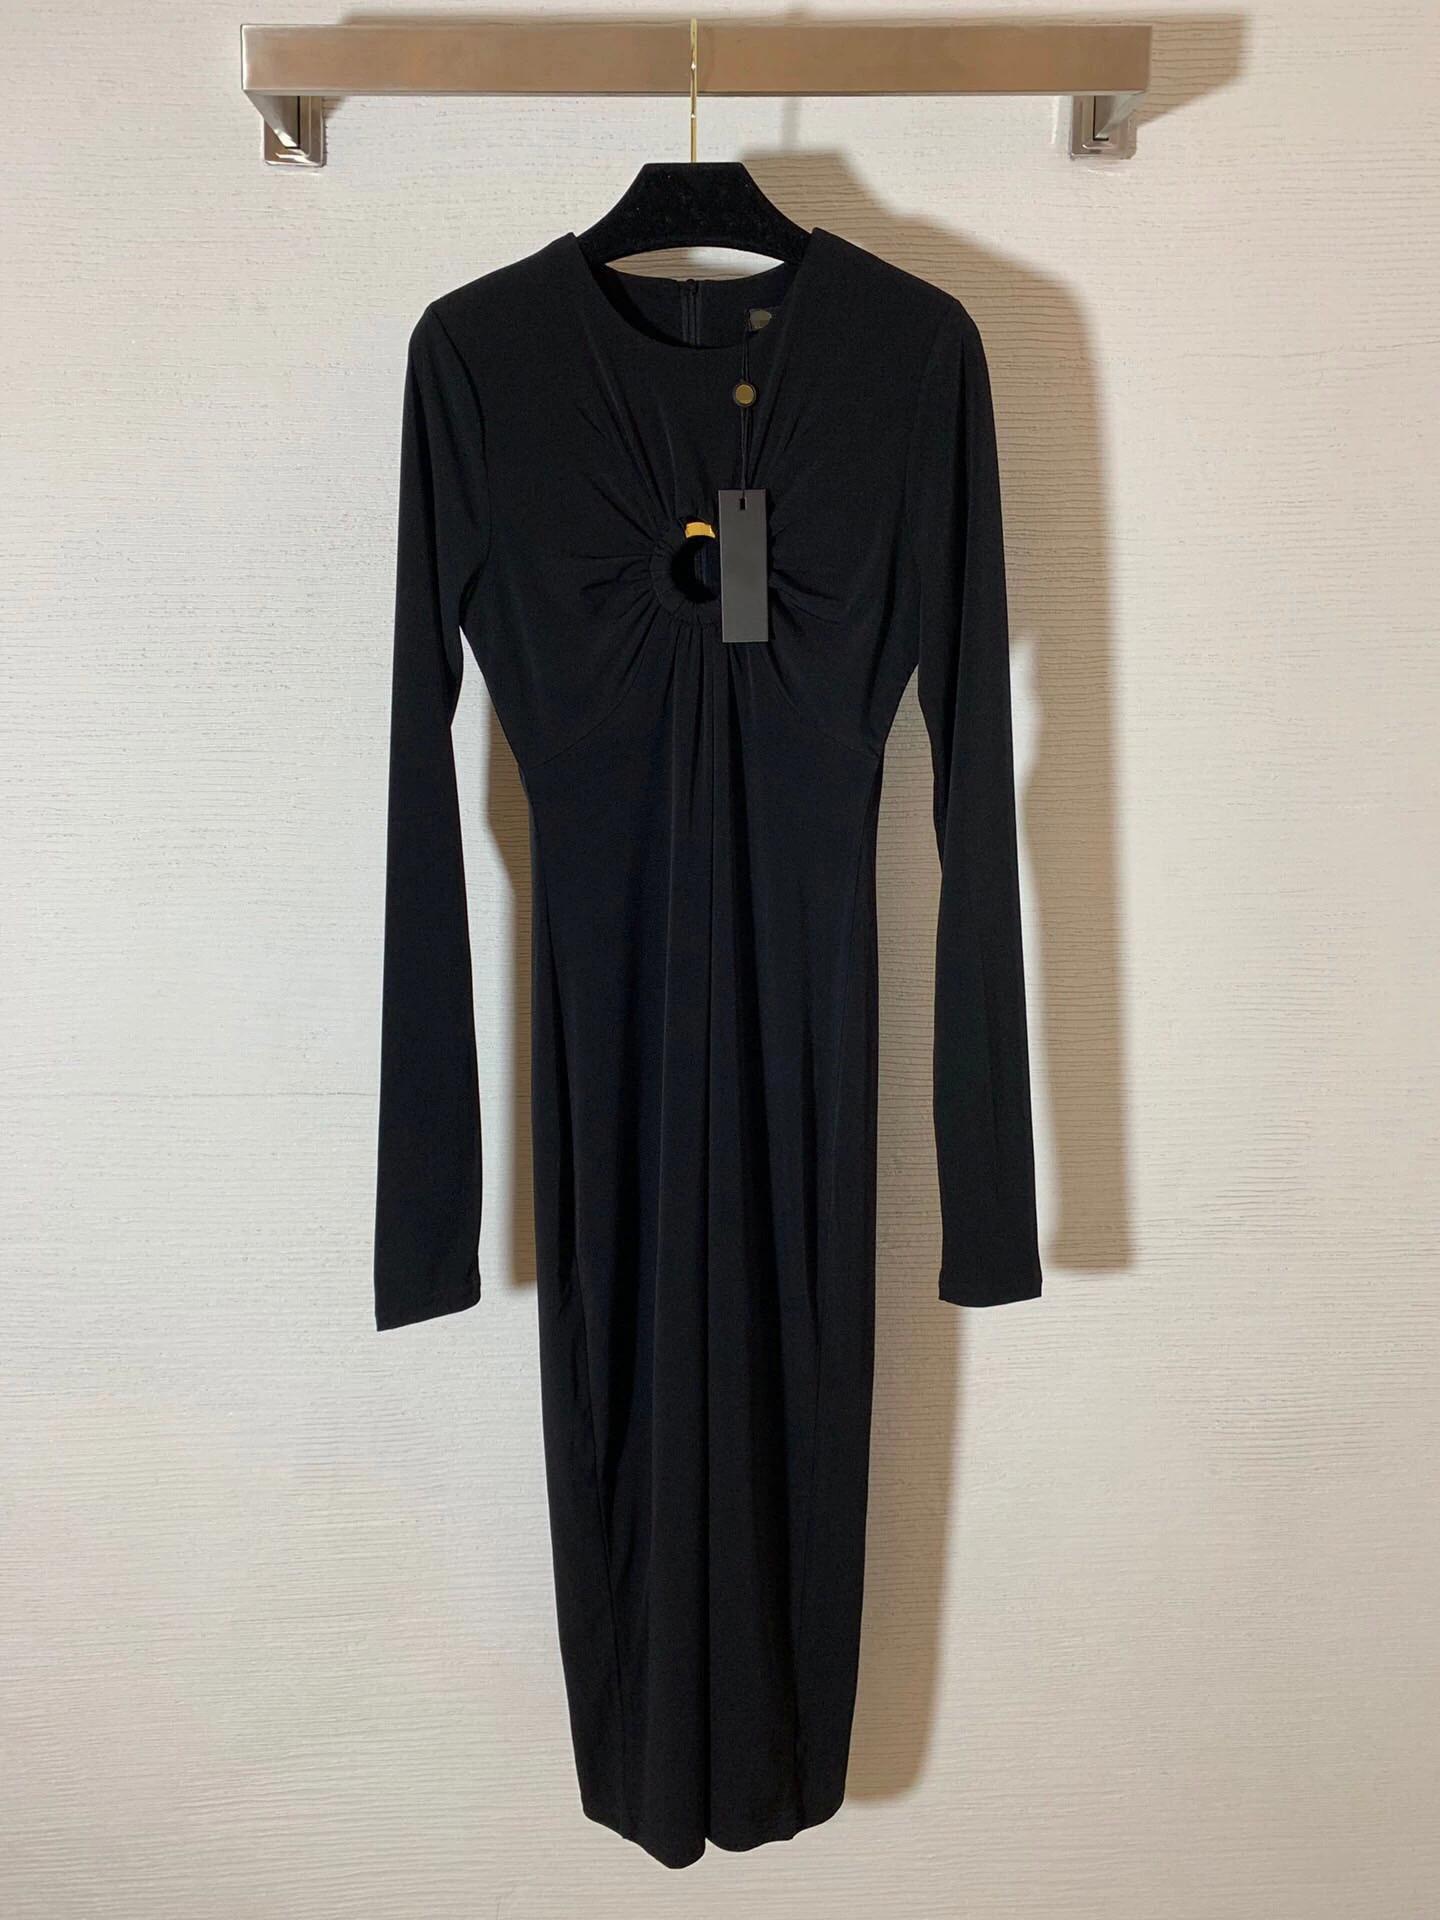 2021 Runway Dress Frühling Sommerkleid Marke Gleiche Stil Empire Sexy Black Womens Kleid Mode Hohe Qualität Nishi